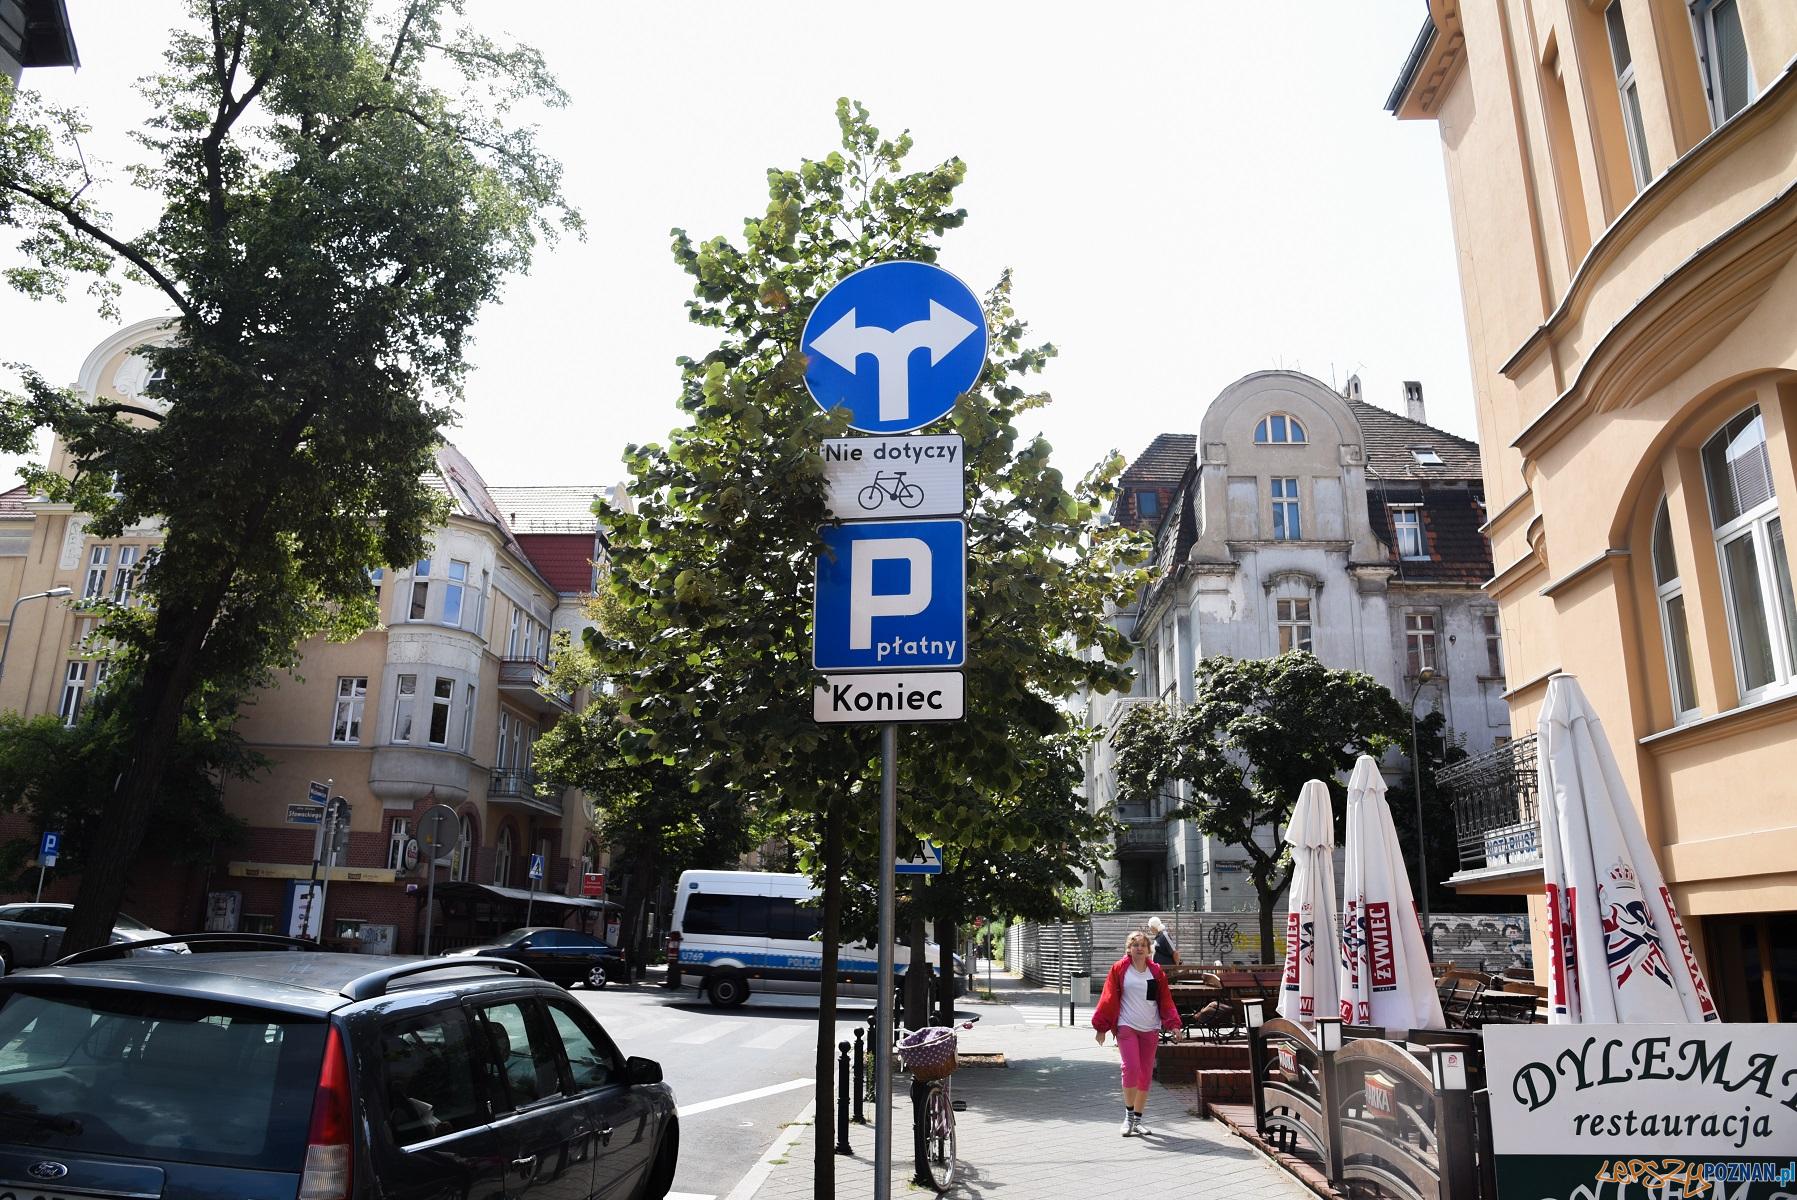 na-ulicy-mickiewicza-obowiazuje-nowa-organizacja-ruchu,pic1,1016,136358,238361,show2  Foto: materiału prasowe / UMP